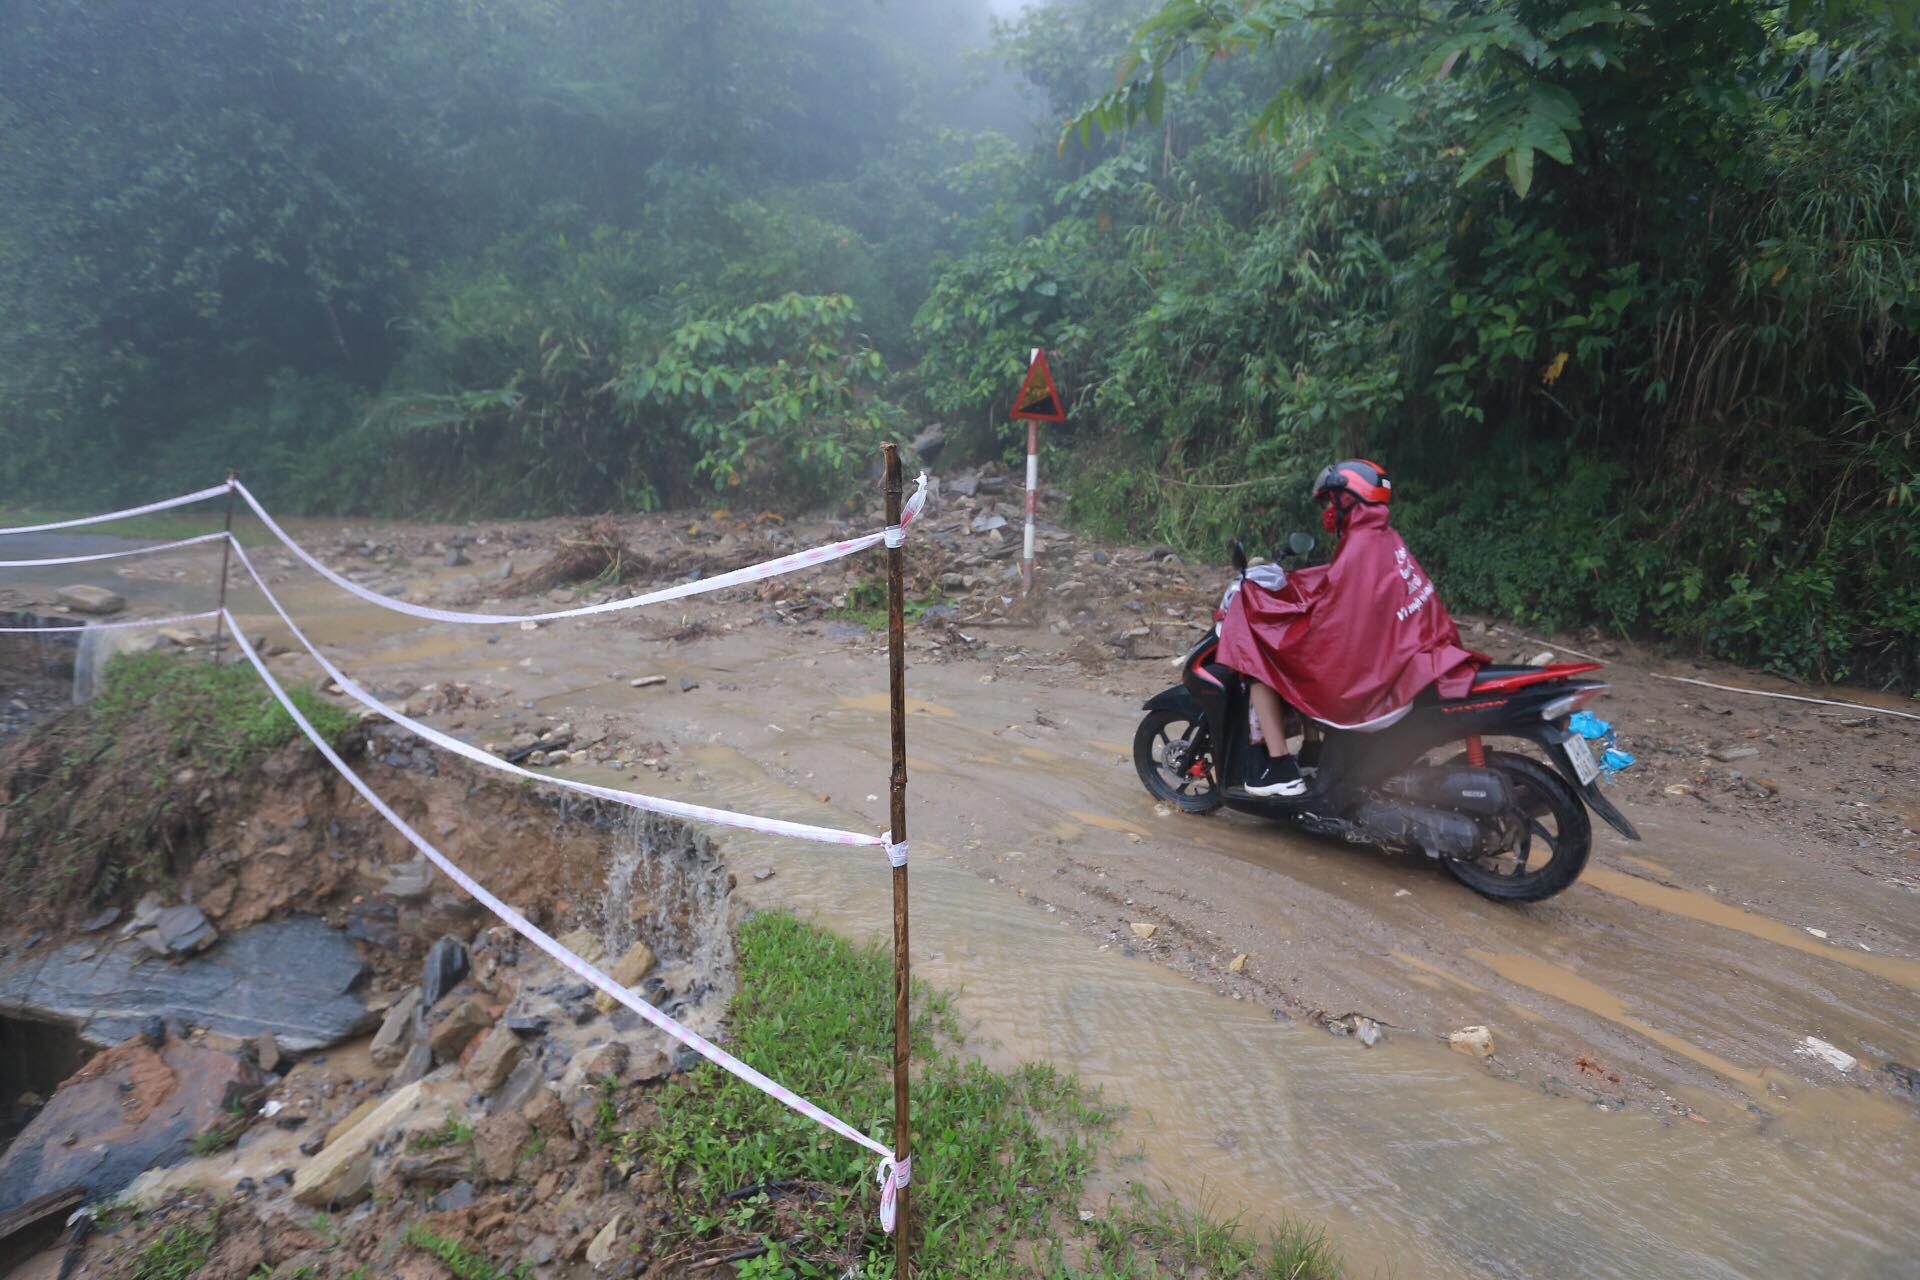 Từ lũ lụt ở Trung Quốc, lo mưa lũ ở miền núi phía Bắc - Ảnh 2.